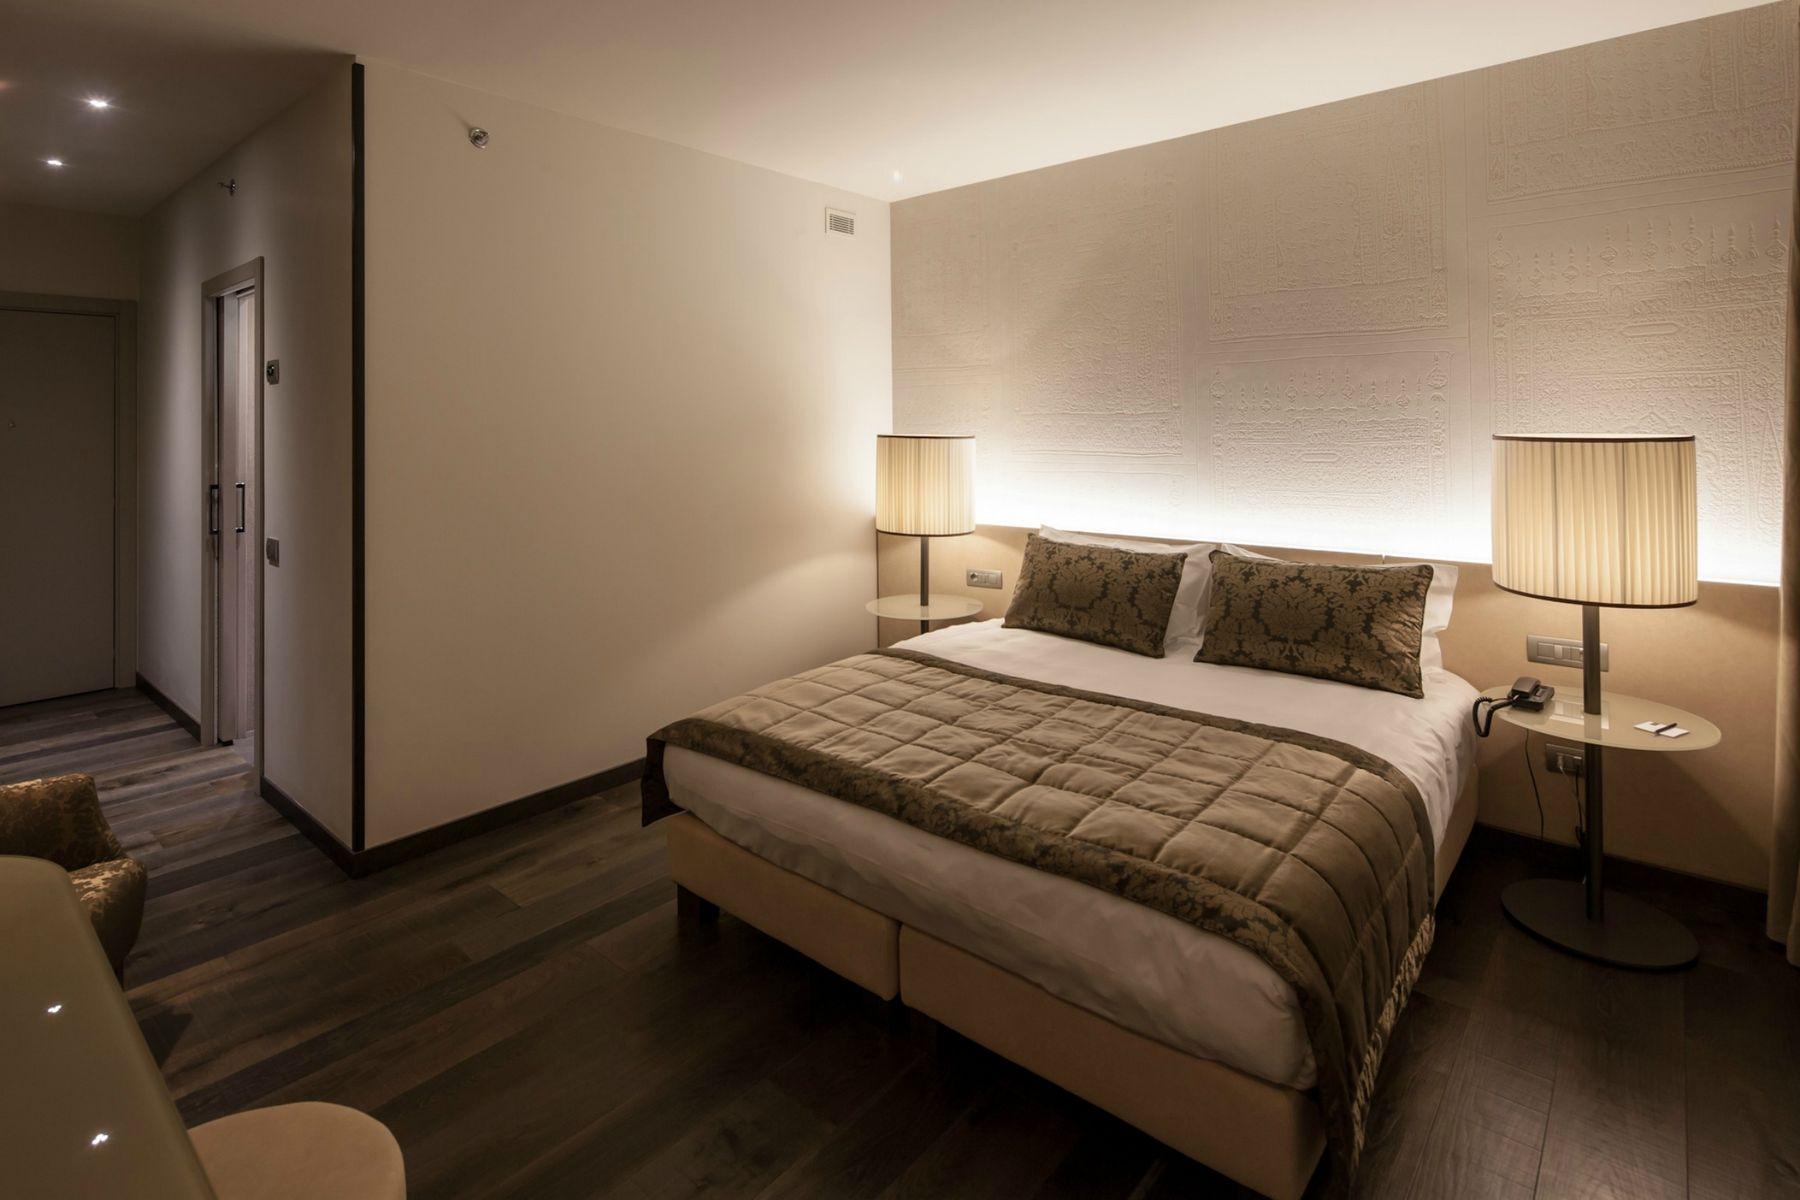 08 h Murano LaGare room